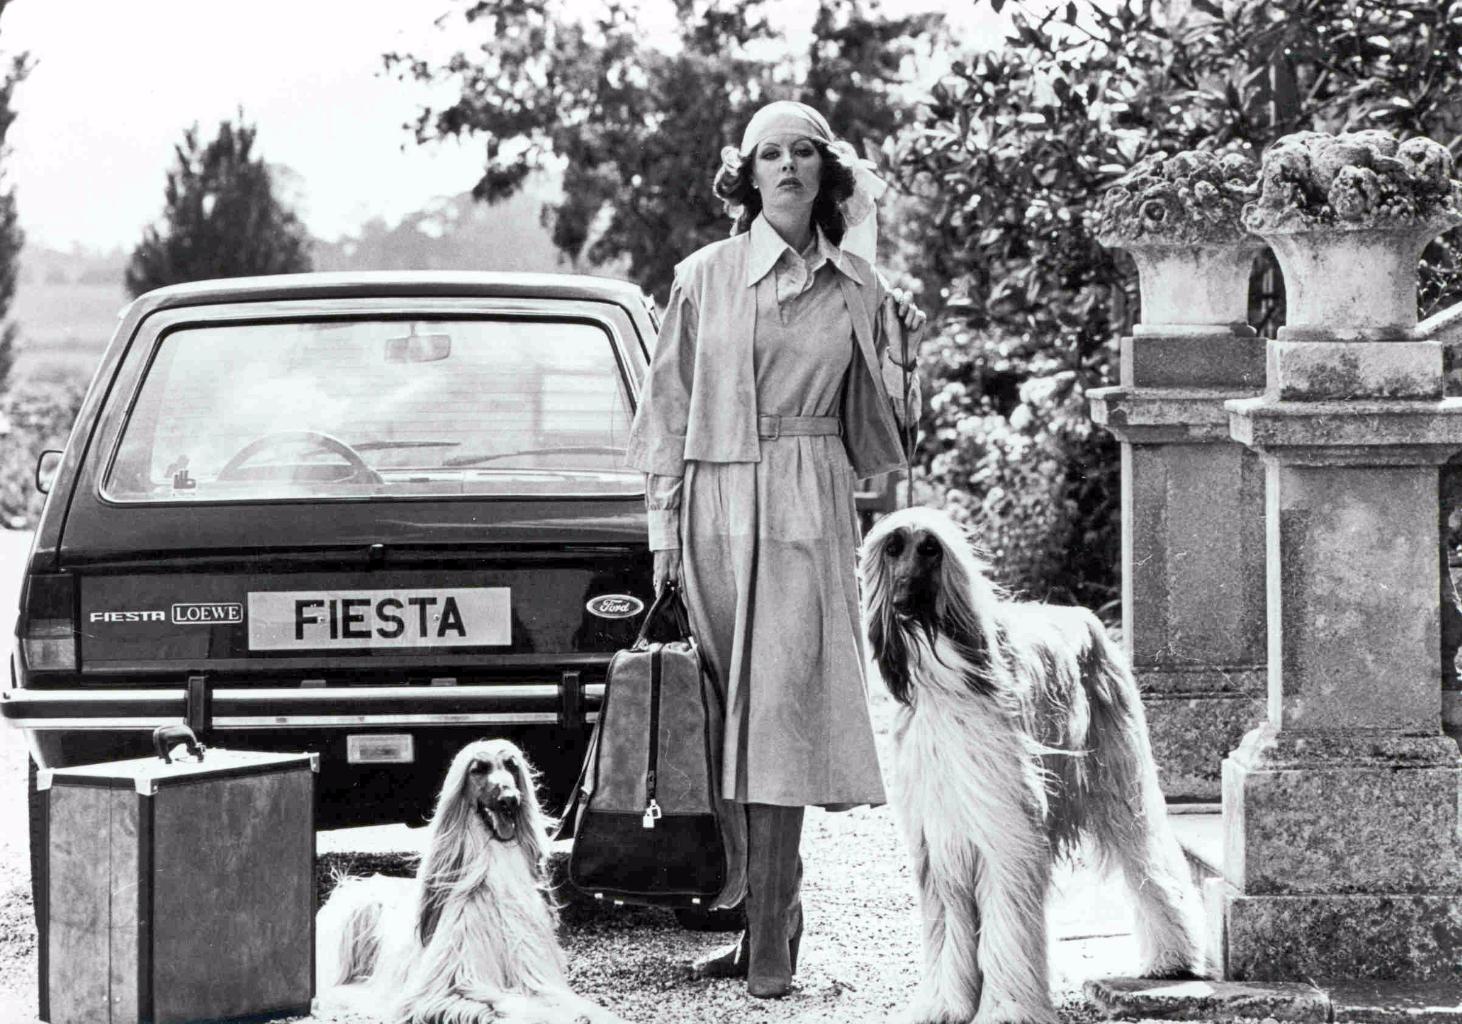 fordfiesta_1976-1983_lifestyle70s_10